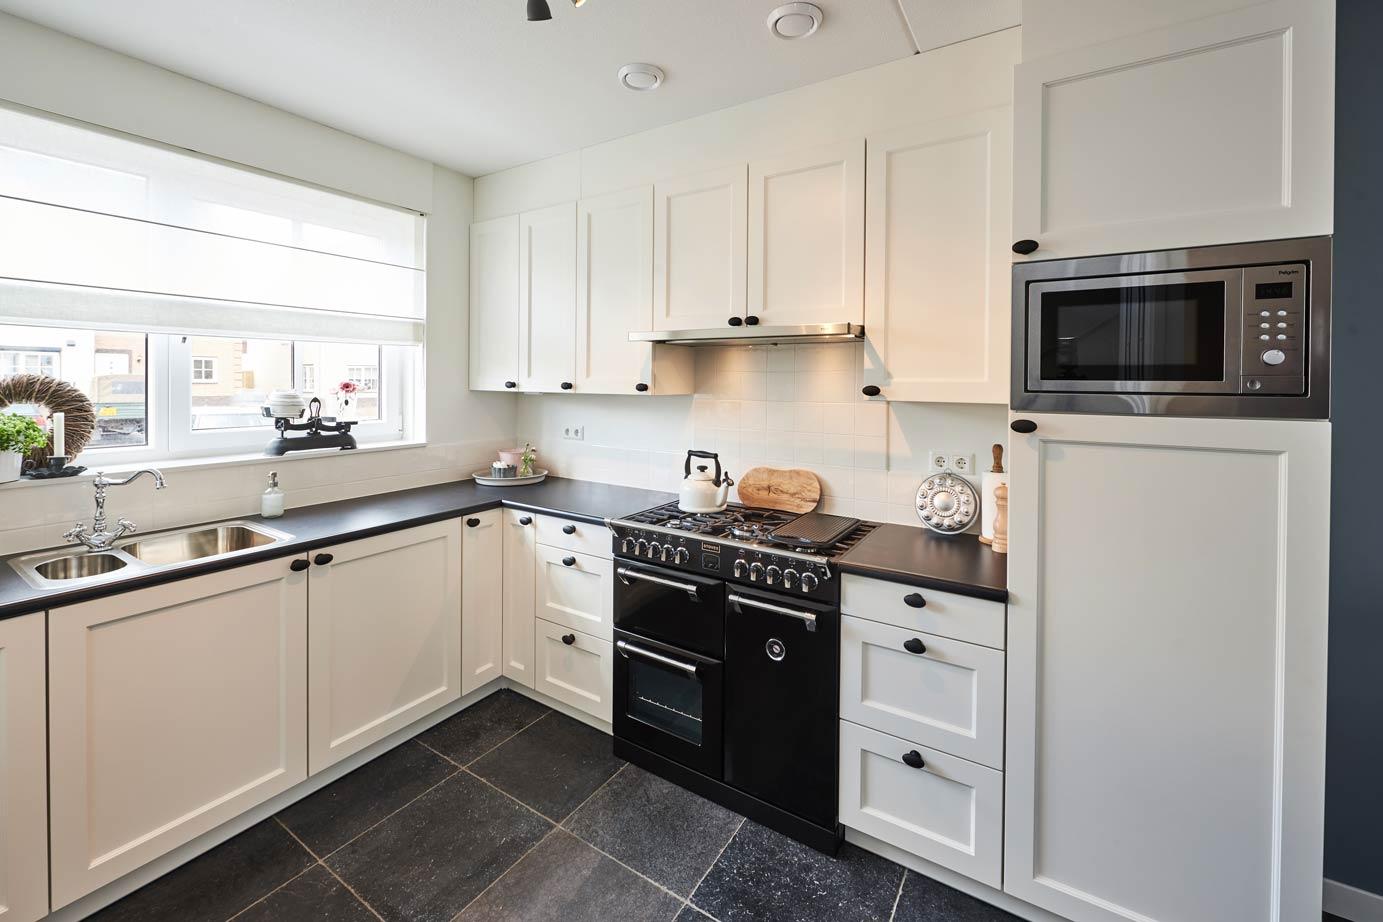 Klassieke keuken kopen uw keukenspeciaalzaak selectiv klassiek product in beeld keuken op maat - Beeld van eigentijdse keuken ...